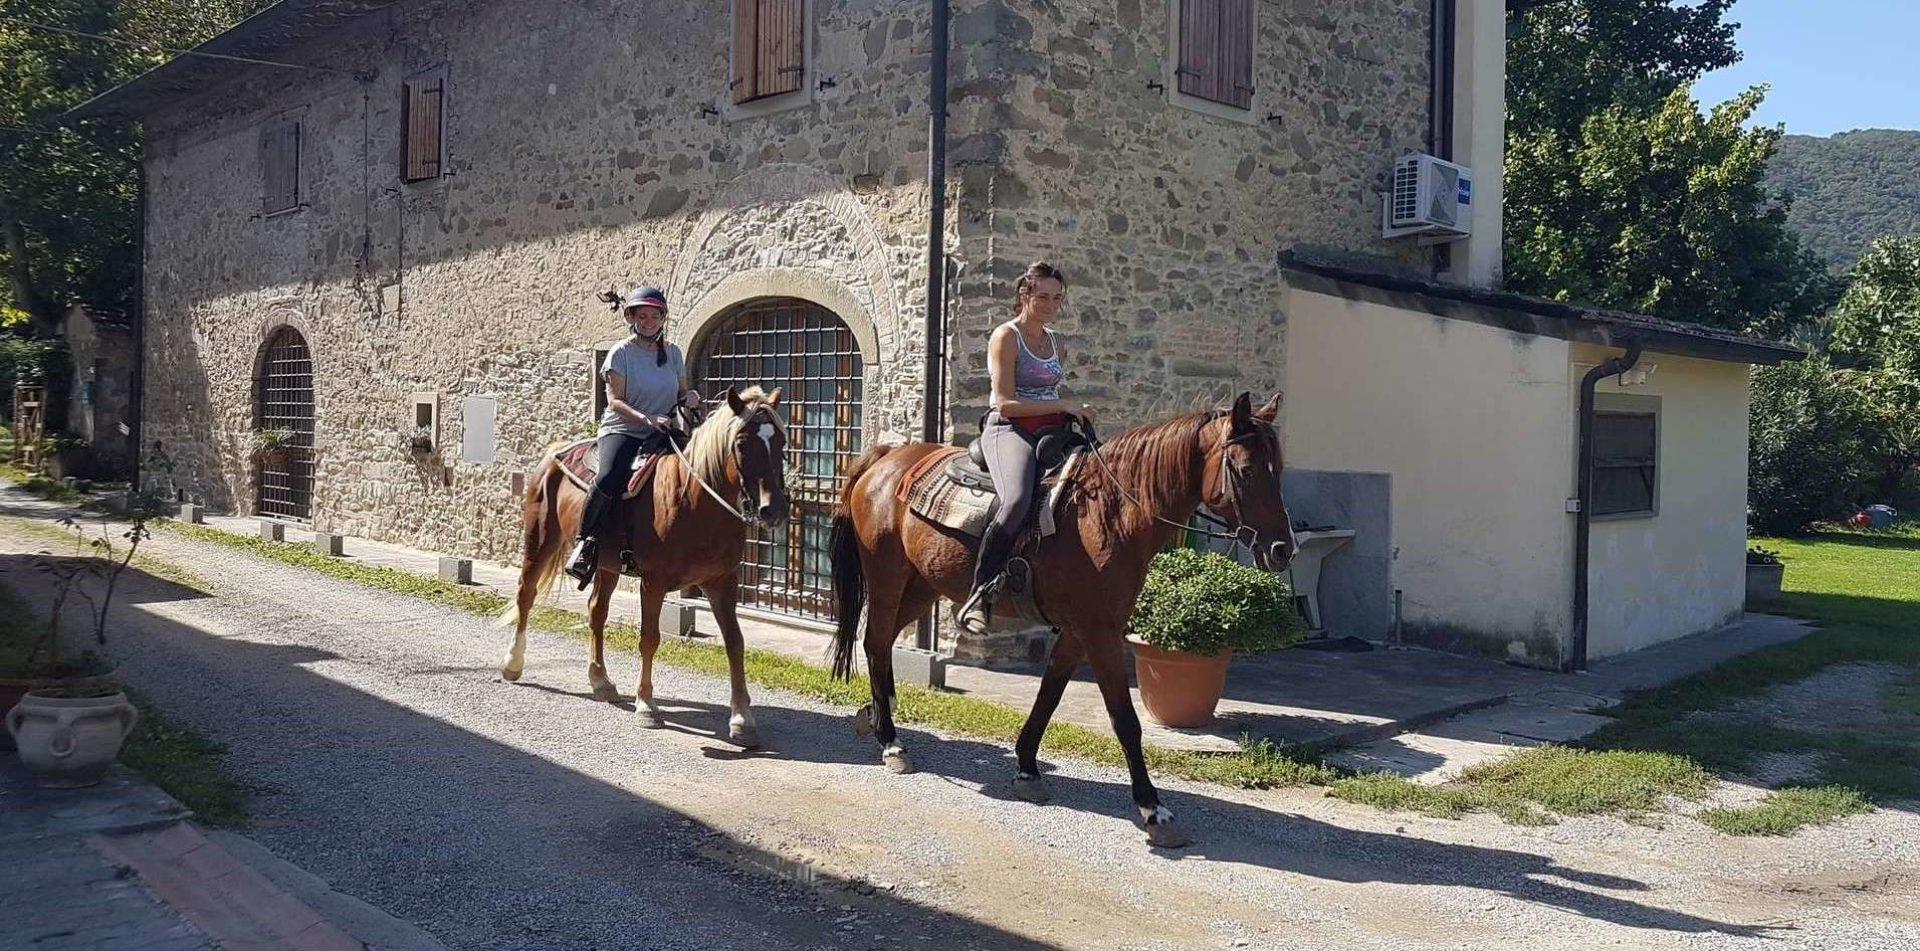 Passeggiate a cavallo Firenze